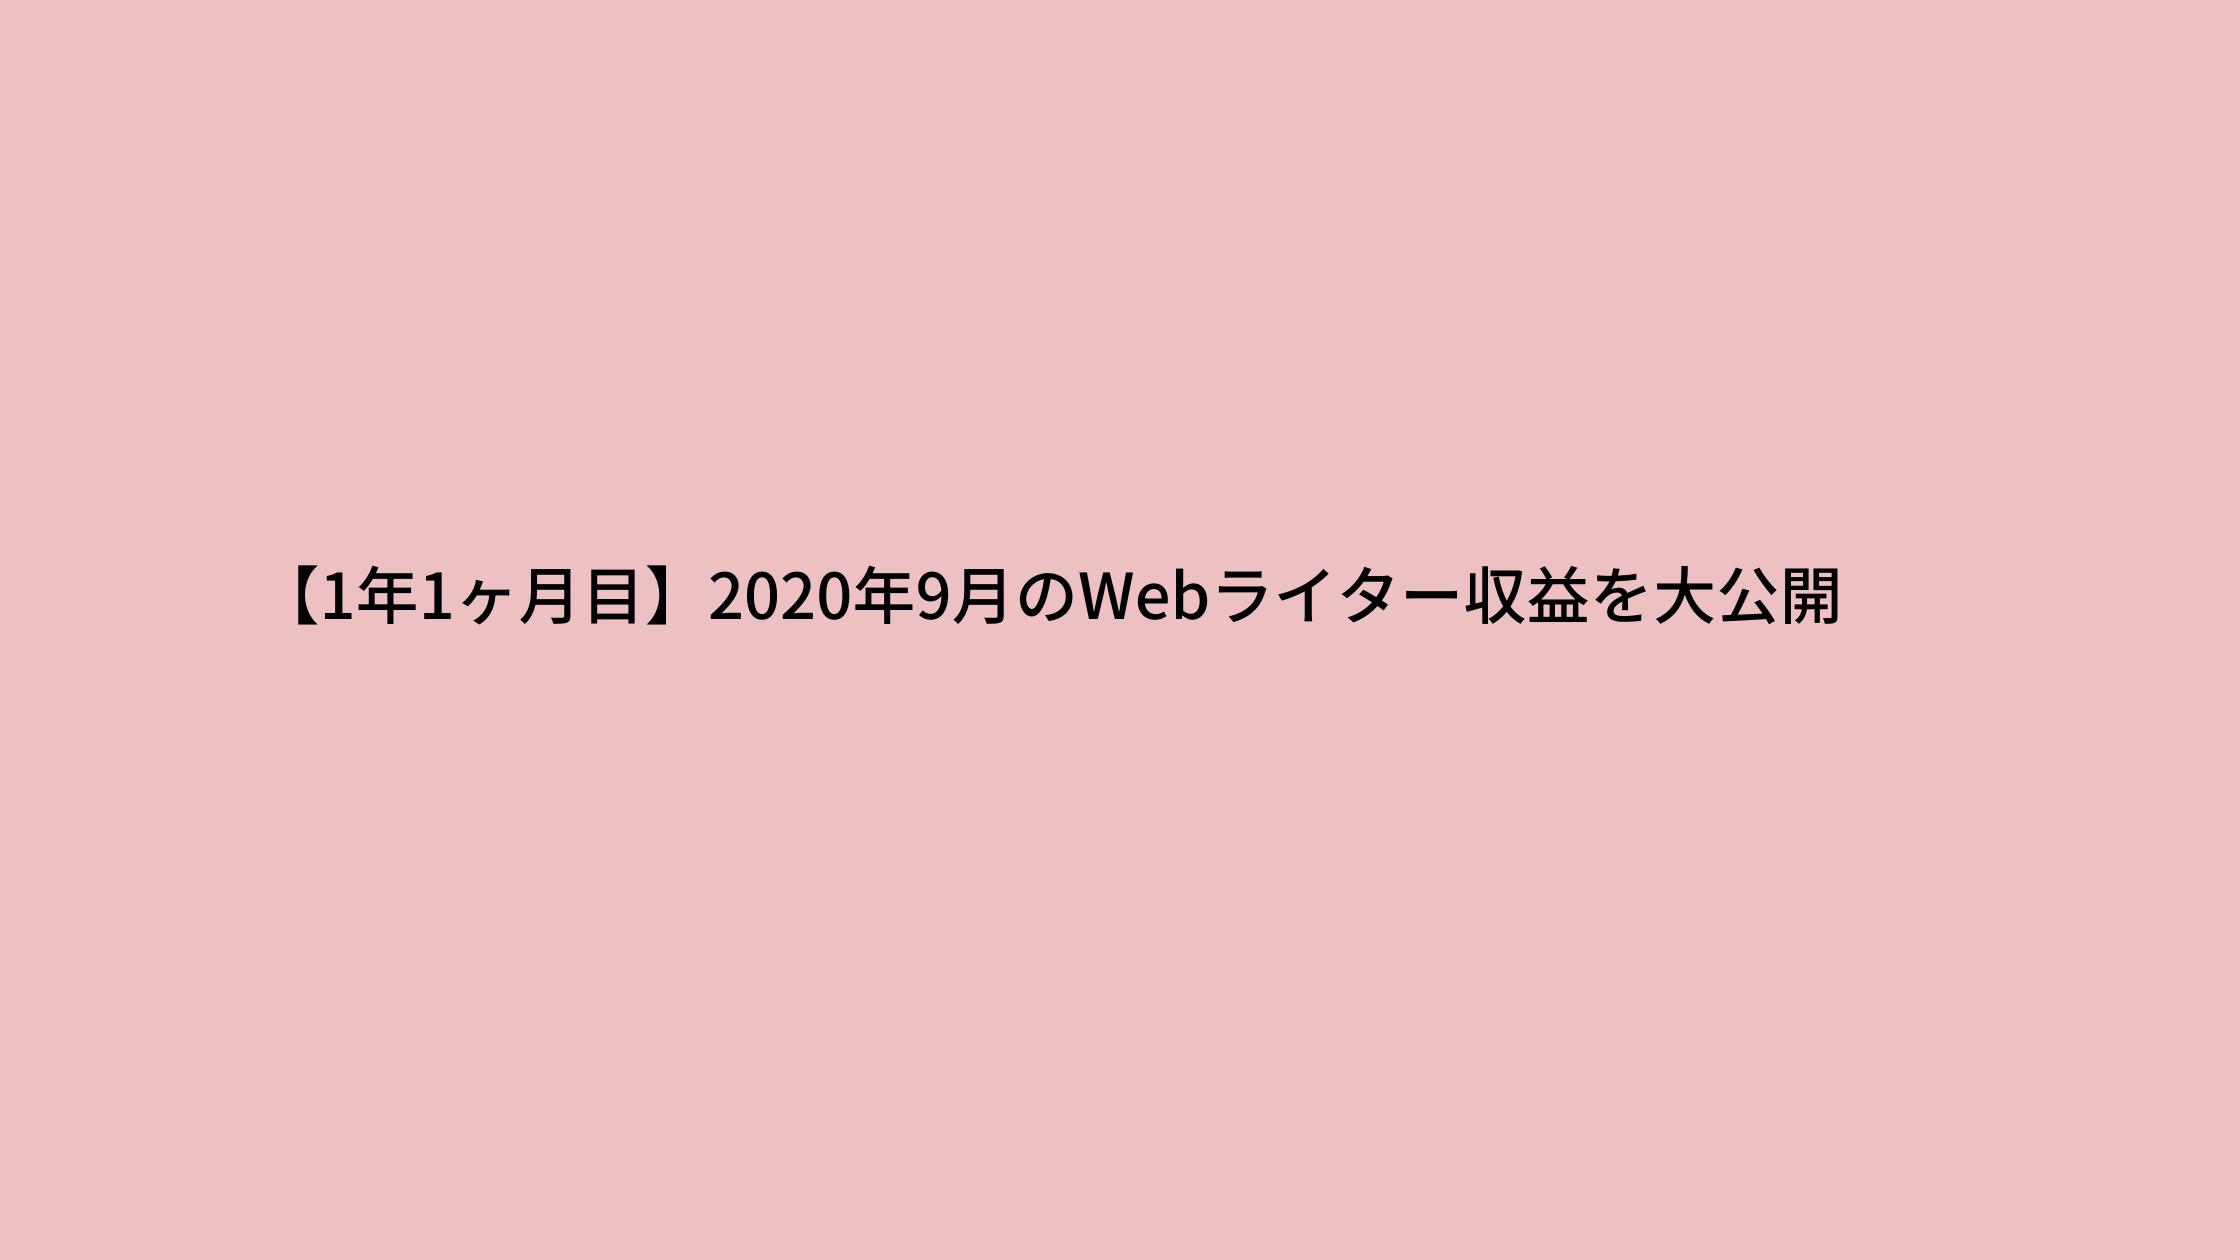 【1年1ヶ月目】2020年9月のWebライター収益を大公開